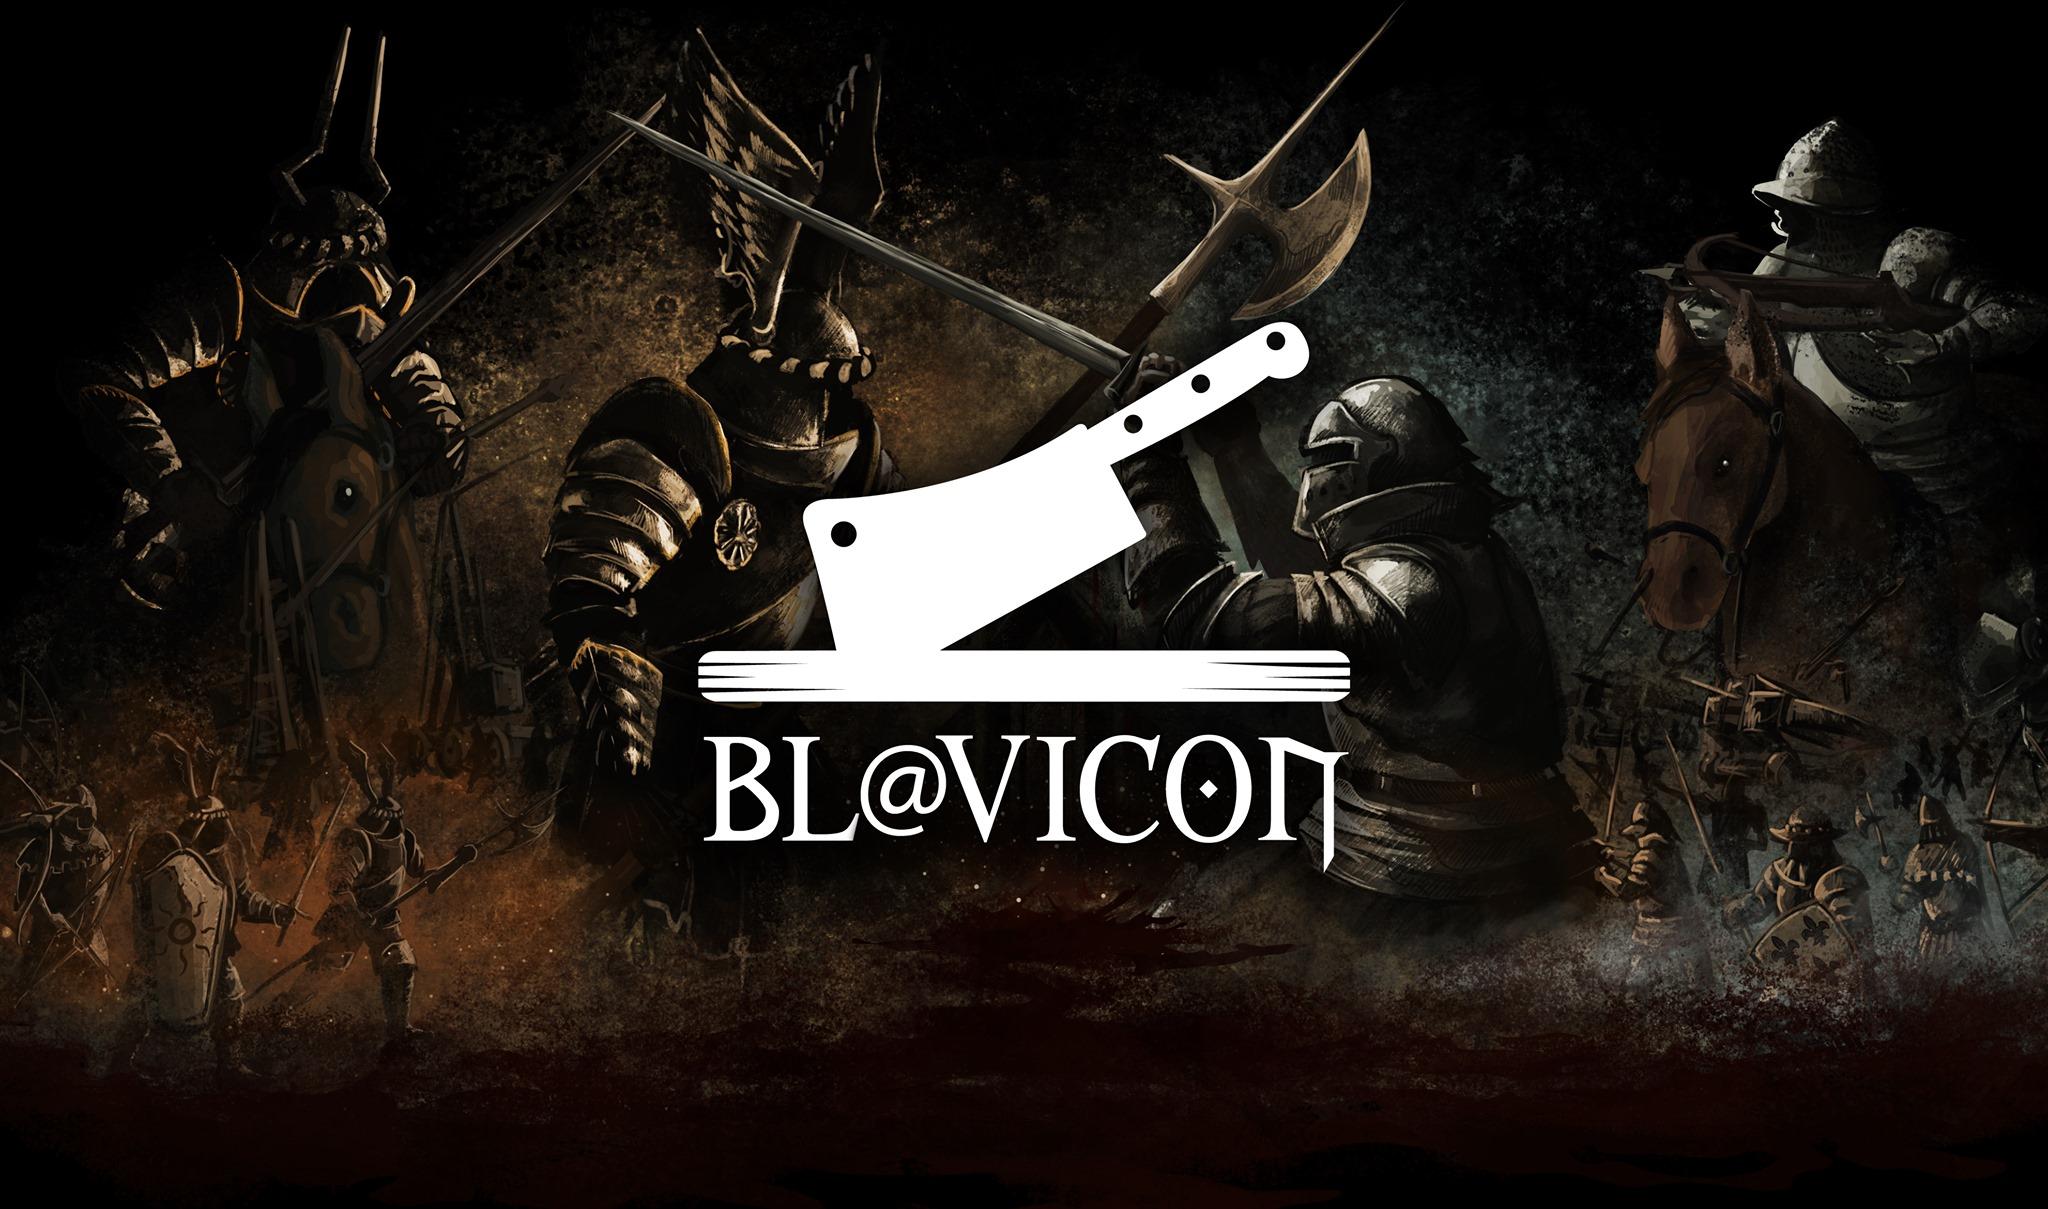 Blíží se Bl@vicon 2.0 Blavicon 1